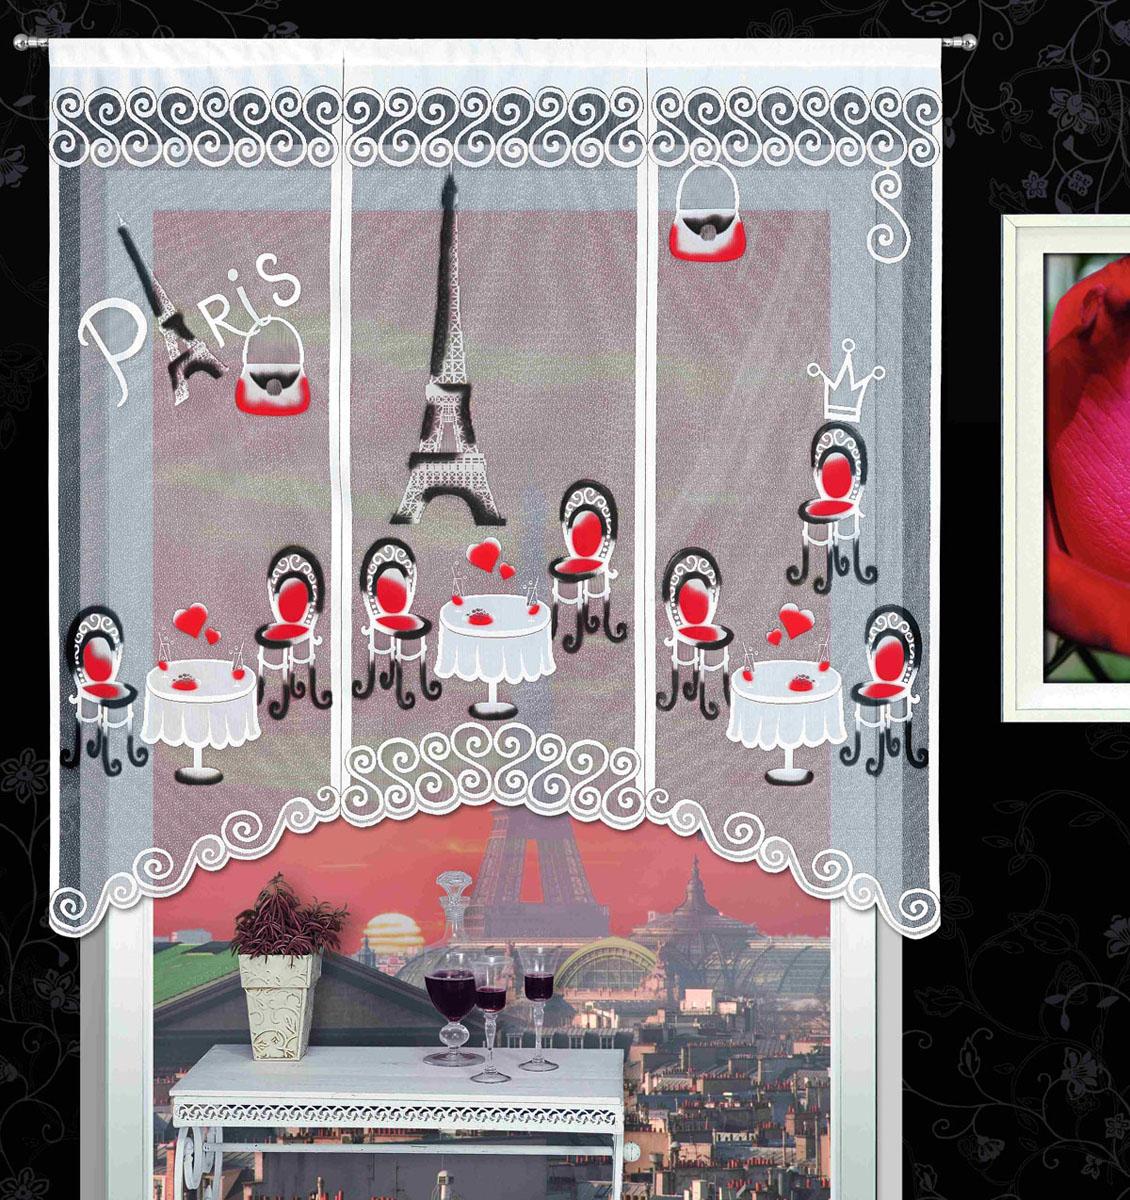 Гардина Kawiarenki, на кулиске, цвет: белый, высота 180 см718726Воздушная гардина Kawiarenki, изготовленная из полиэстера белого цвета, станет великолепным украшением любого окна. Оригинальный принт в виде кафе на фоне Эйфелевой башни привлечет к себе внимание и органично впишется в интерьер комнаты. Гардина оснащена кулиской для крепления на круглый карниз. Характеристики: Материал: 100% полиэстер. Размер упаковки: 27 см х 34 см х 3 см. Артикул: 718726. В комплект входит: Гардина - 1 шт. Размер (Ш х В): 150 см х 180 см. Фирма Wisan на польском рынке существует уже более пятидесяти лет и является одной из лучших польских фабрик по производству штор и тканей. Ассортимент фирмы представлен готовыми комплектами штор для гостиной, детской, кухни, а также текстилем для кухни (скатерти, салфетки, дорожки, кухонные занавески). Модельный ряд отличает оригинальный дизайн, высокое качество. Ассортимент продукции постоянно пополняется.